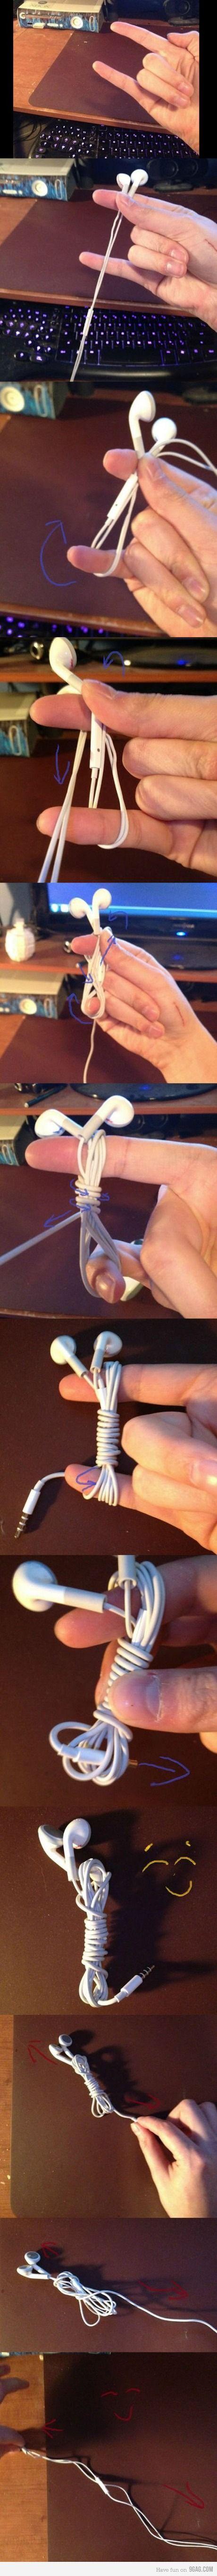 headphone tie これは便利